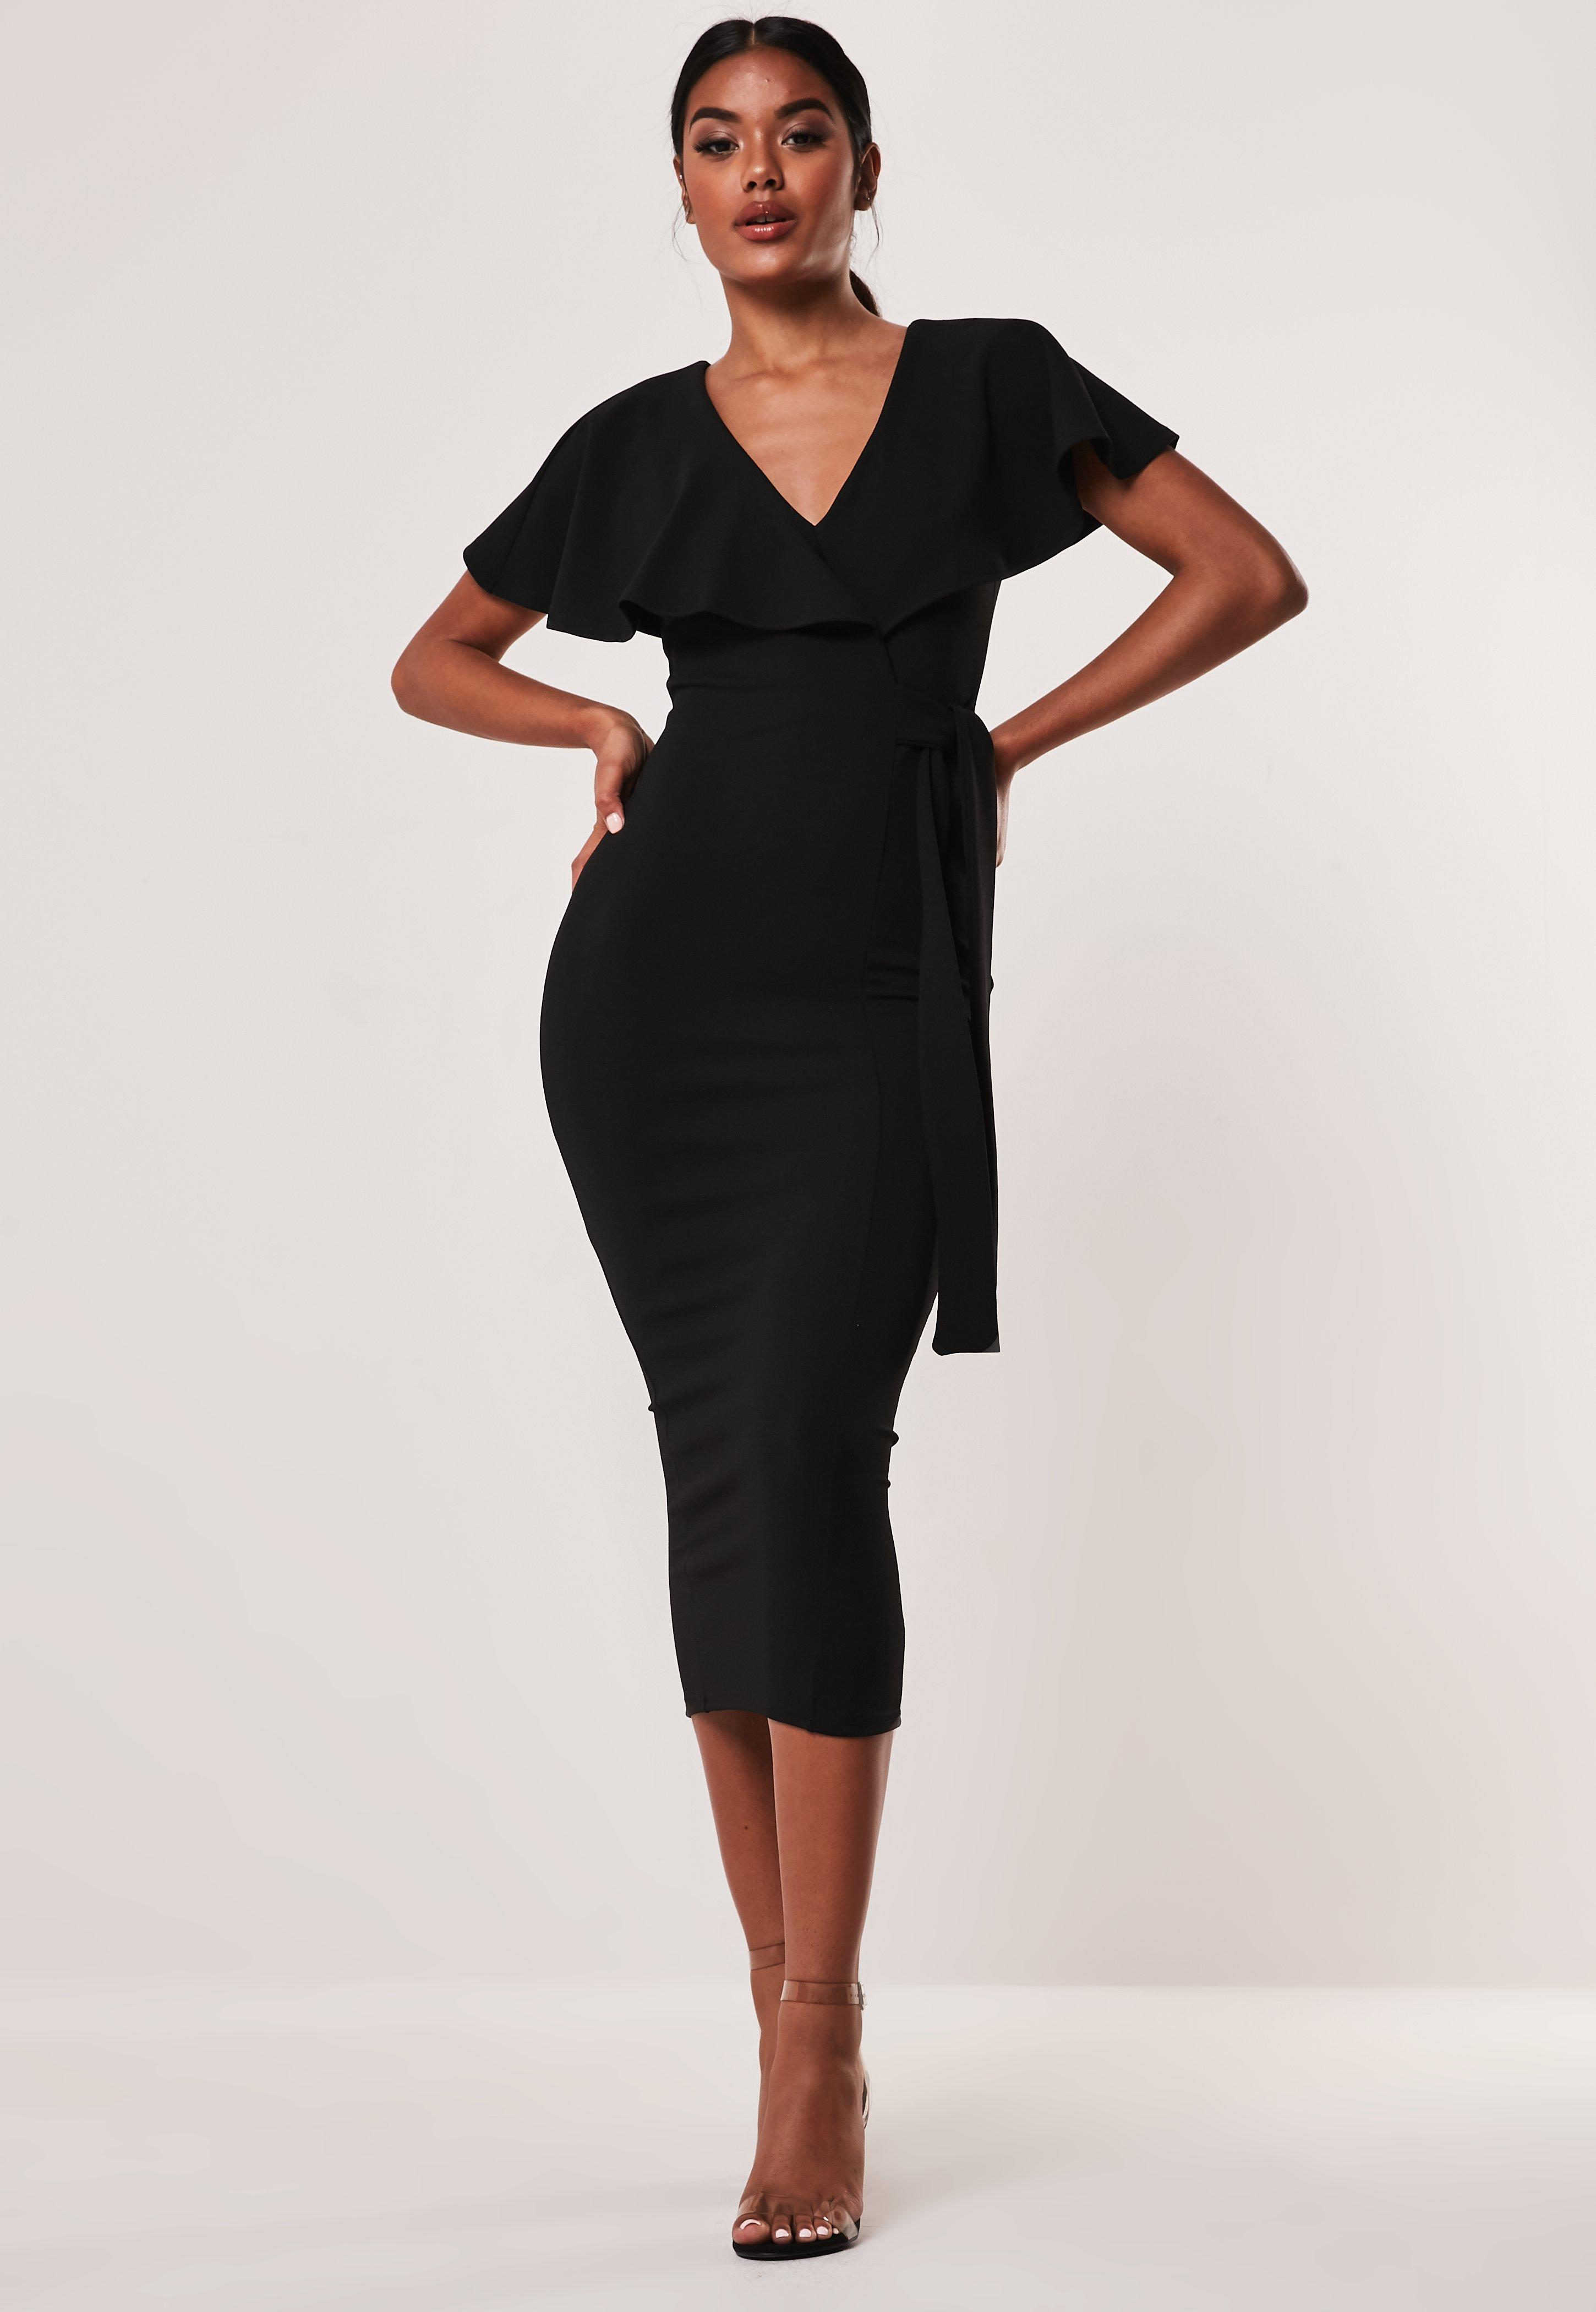 862d6a5429c Dresses UK | Women's Dresses Online | Missguided